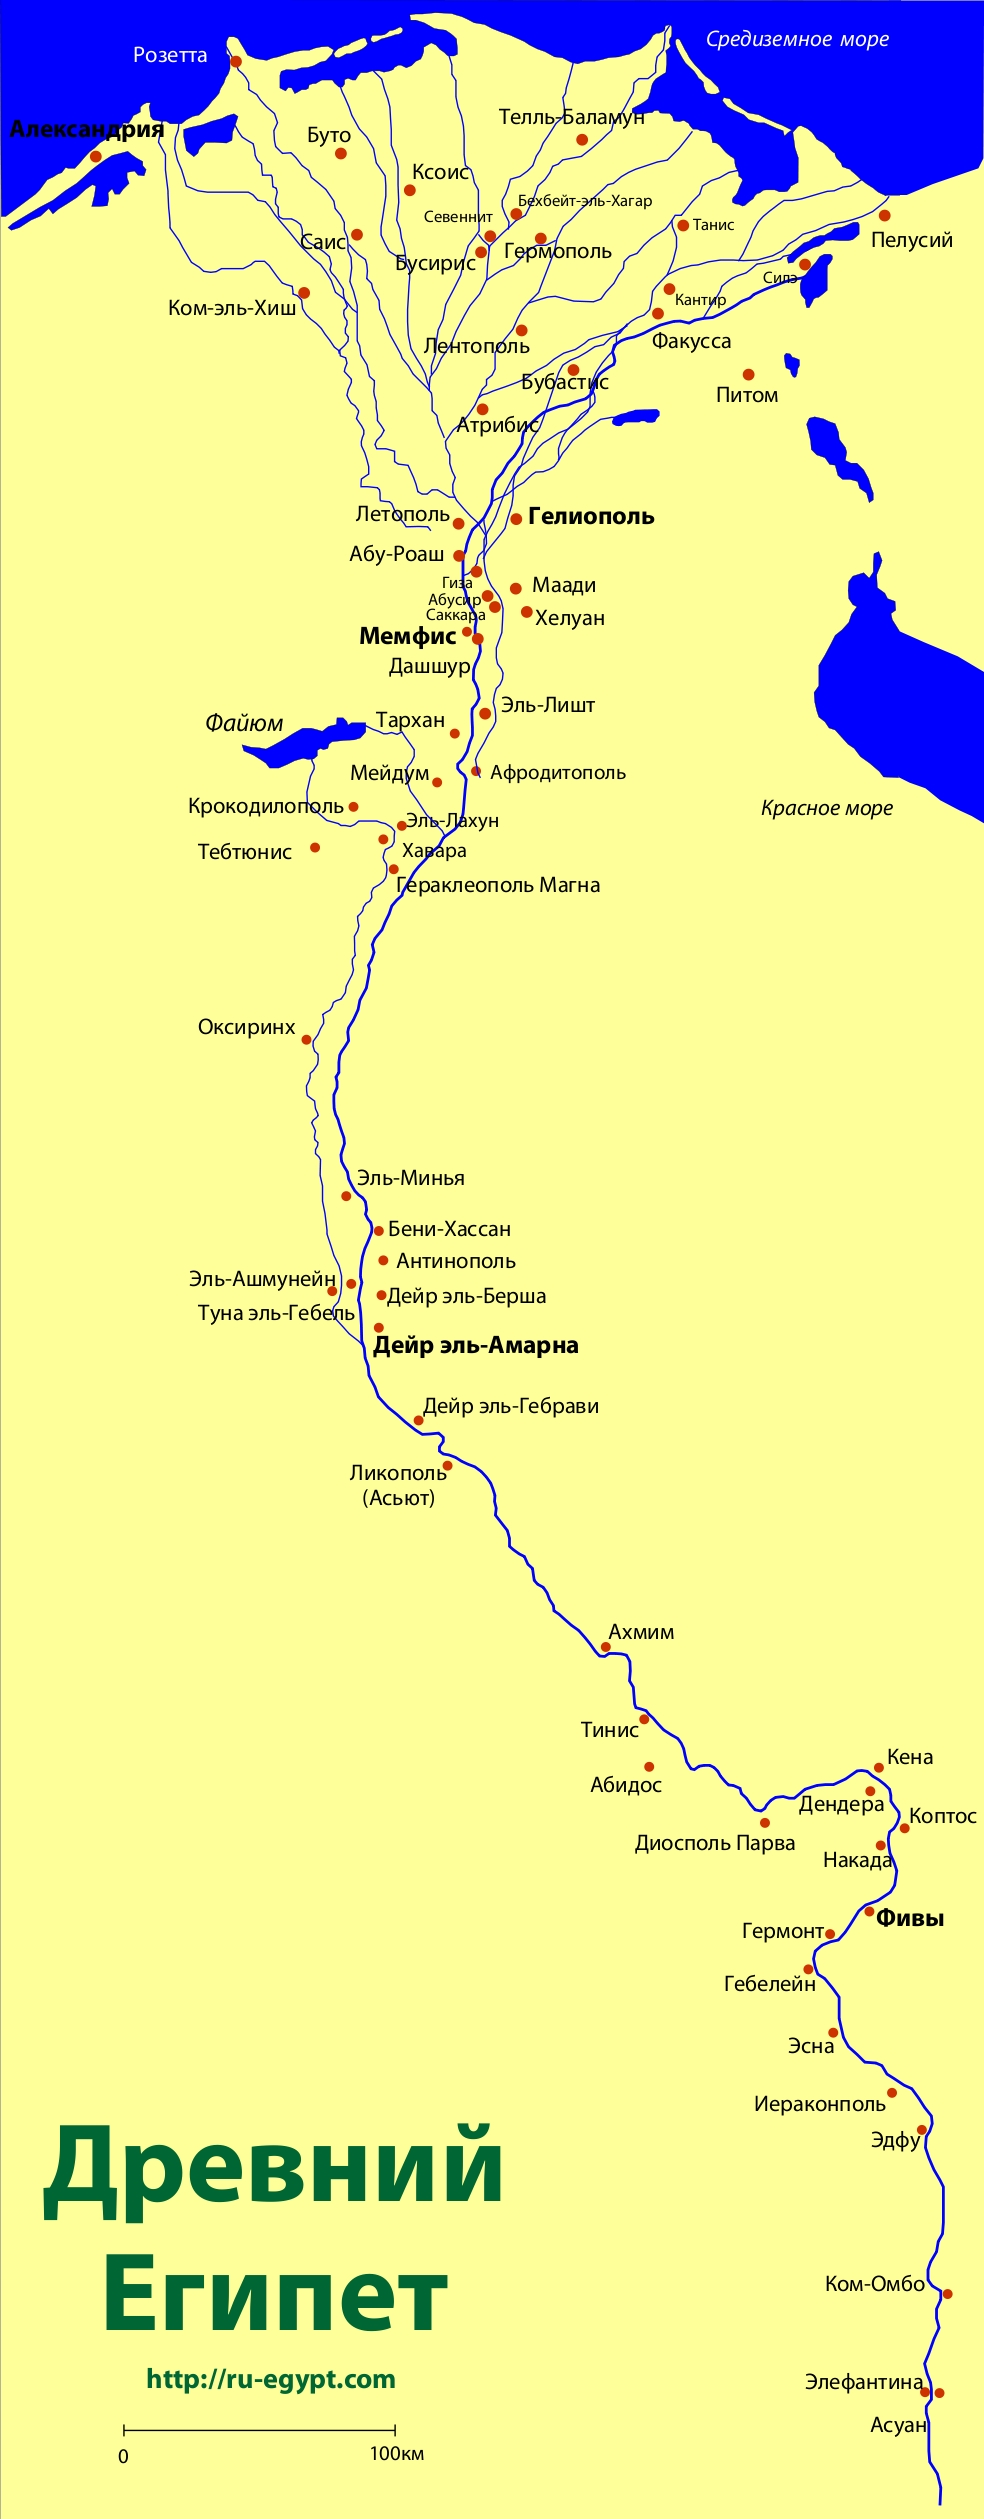 Карта Древнего Египта